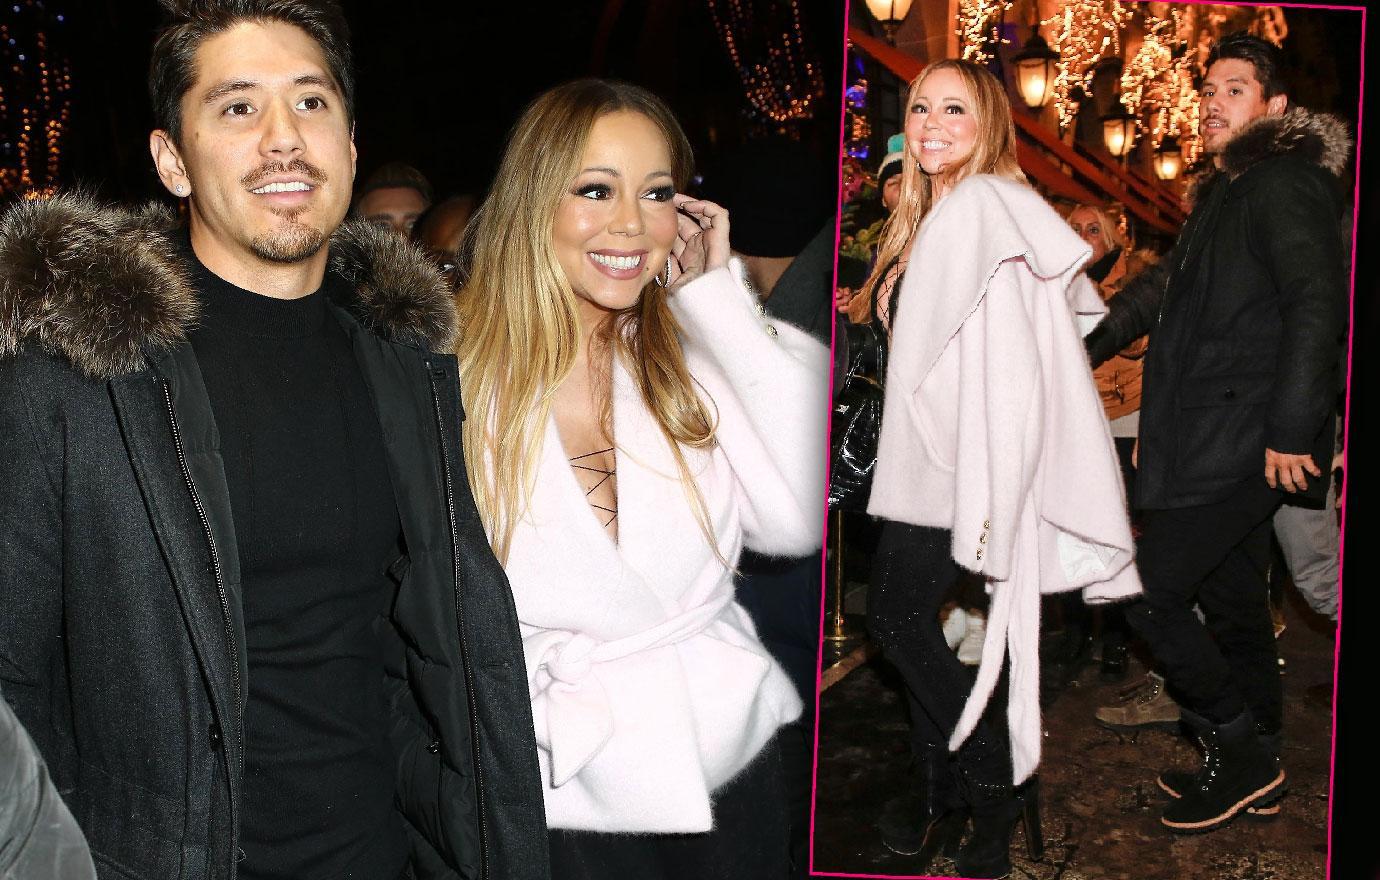 Mariah Carey And Bryan Tanaka Have Fun In Paris